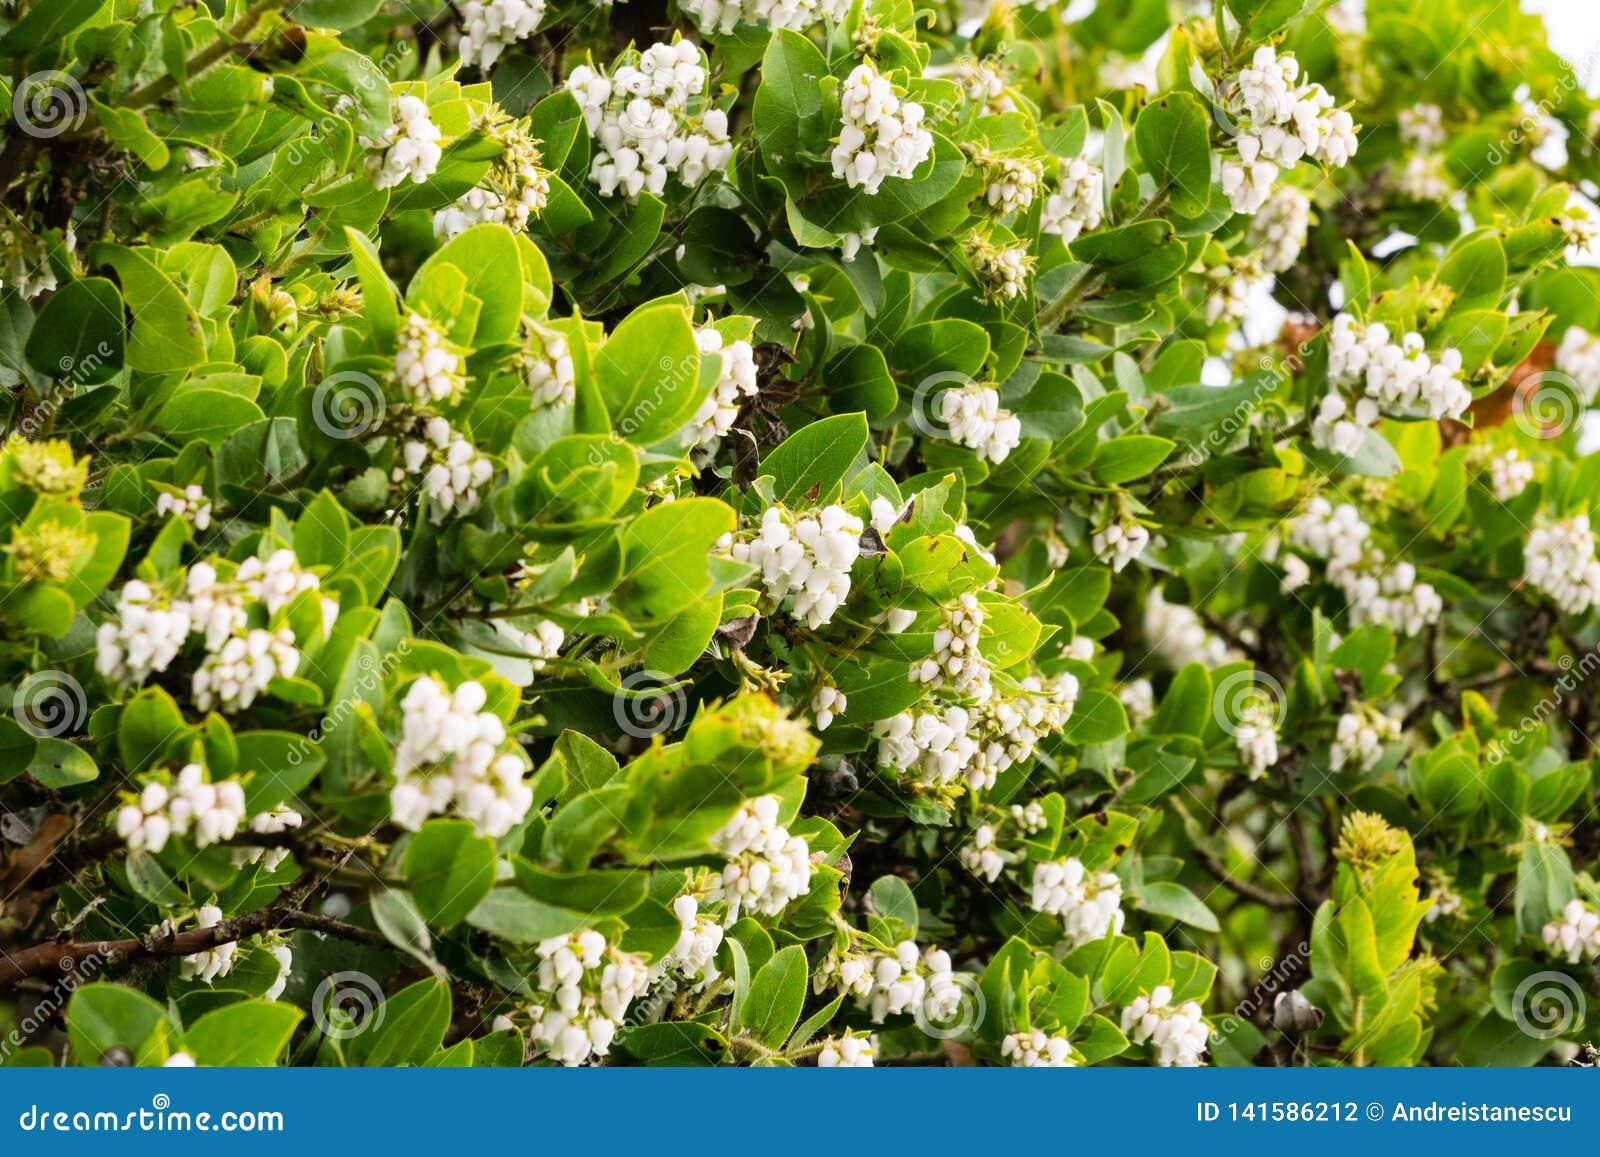 Arbusto Fiori Bianchi.Arbusto Di Manzanita In Pieno Dei Fiori Bianchi California